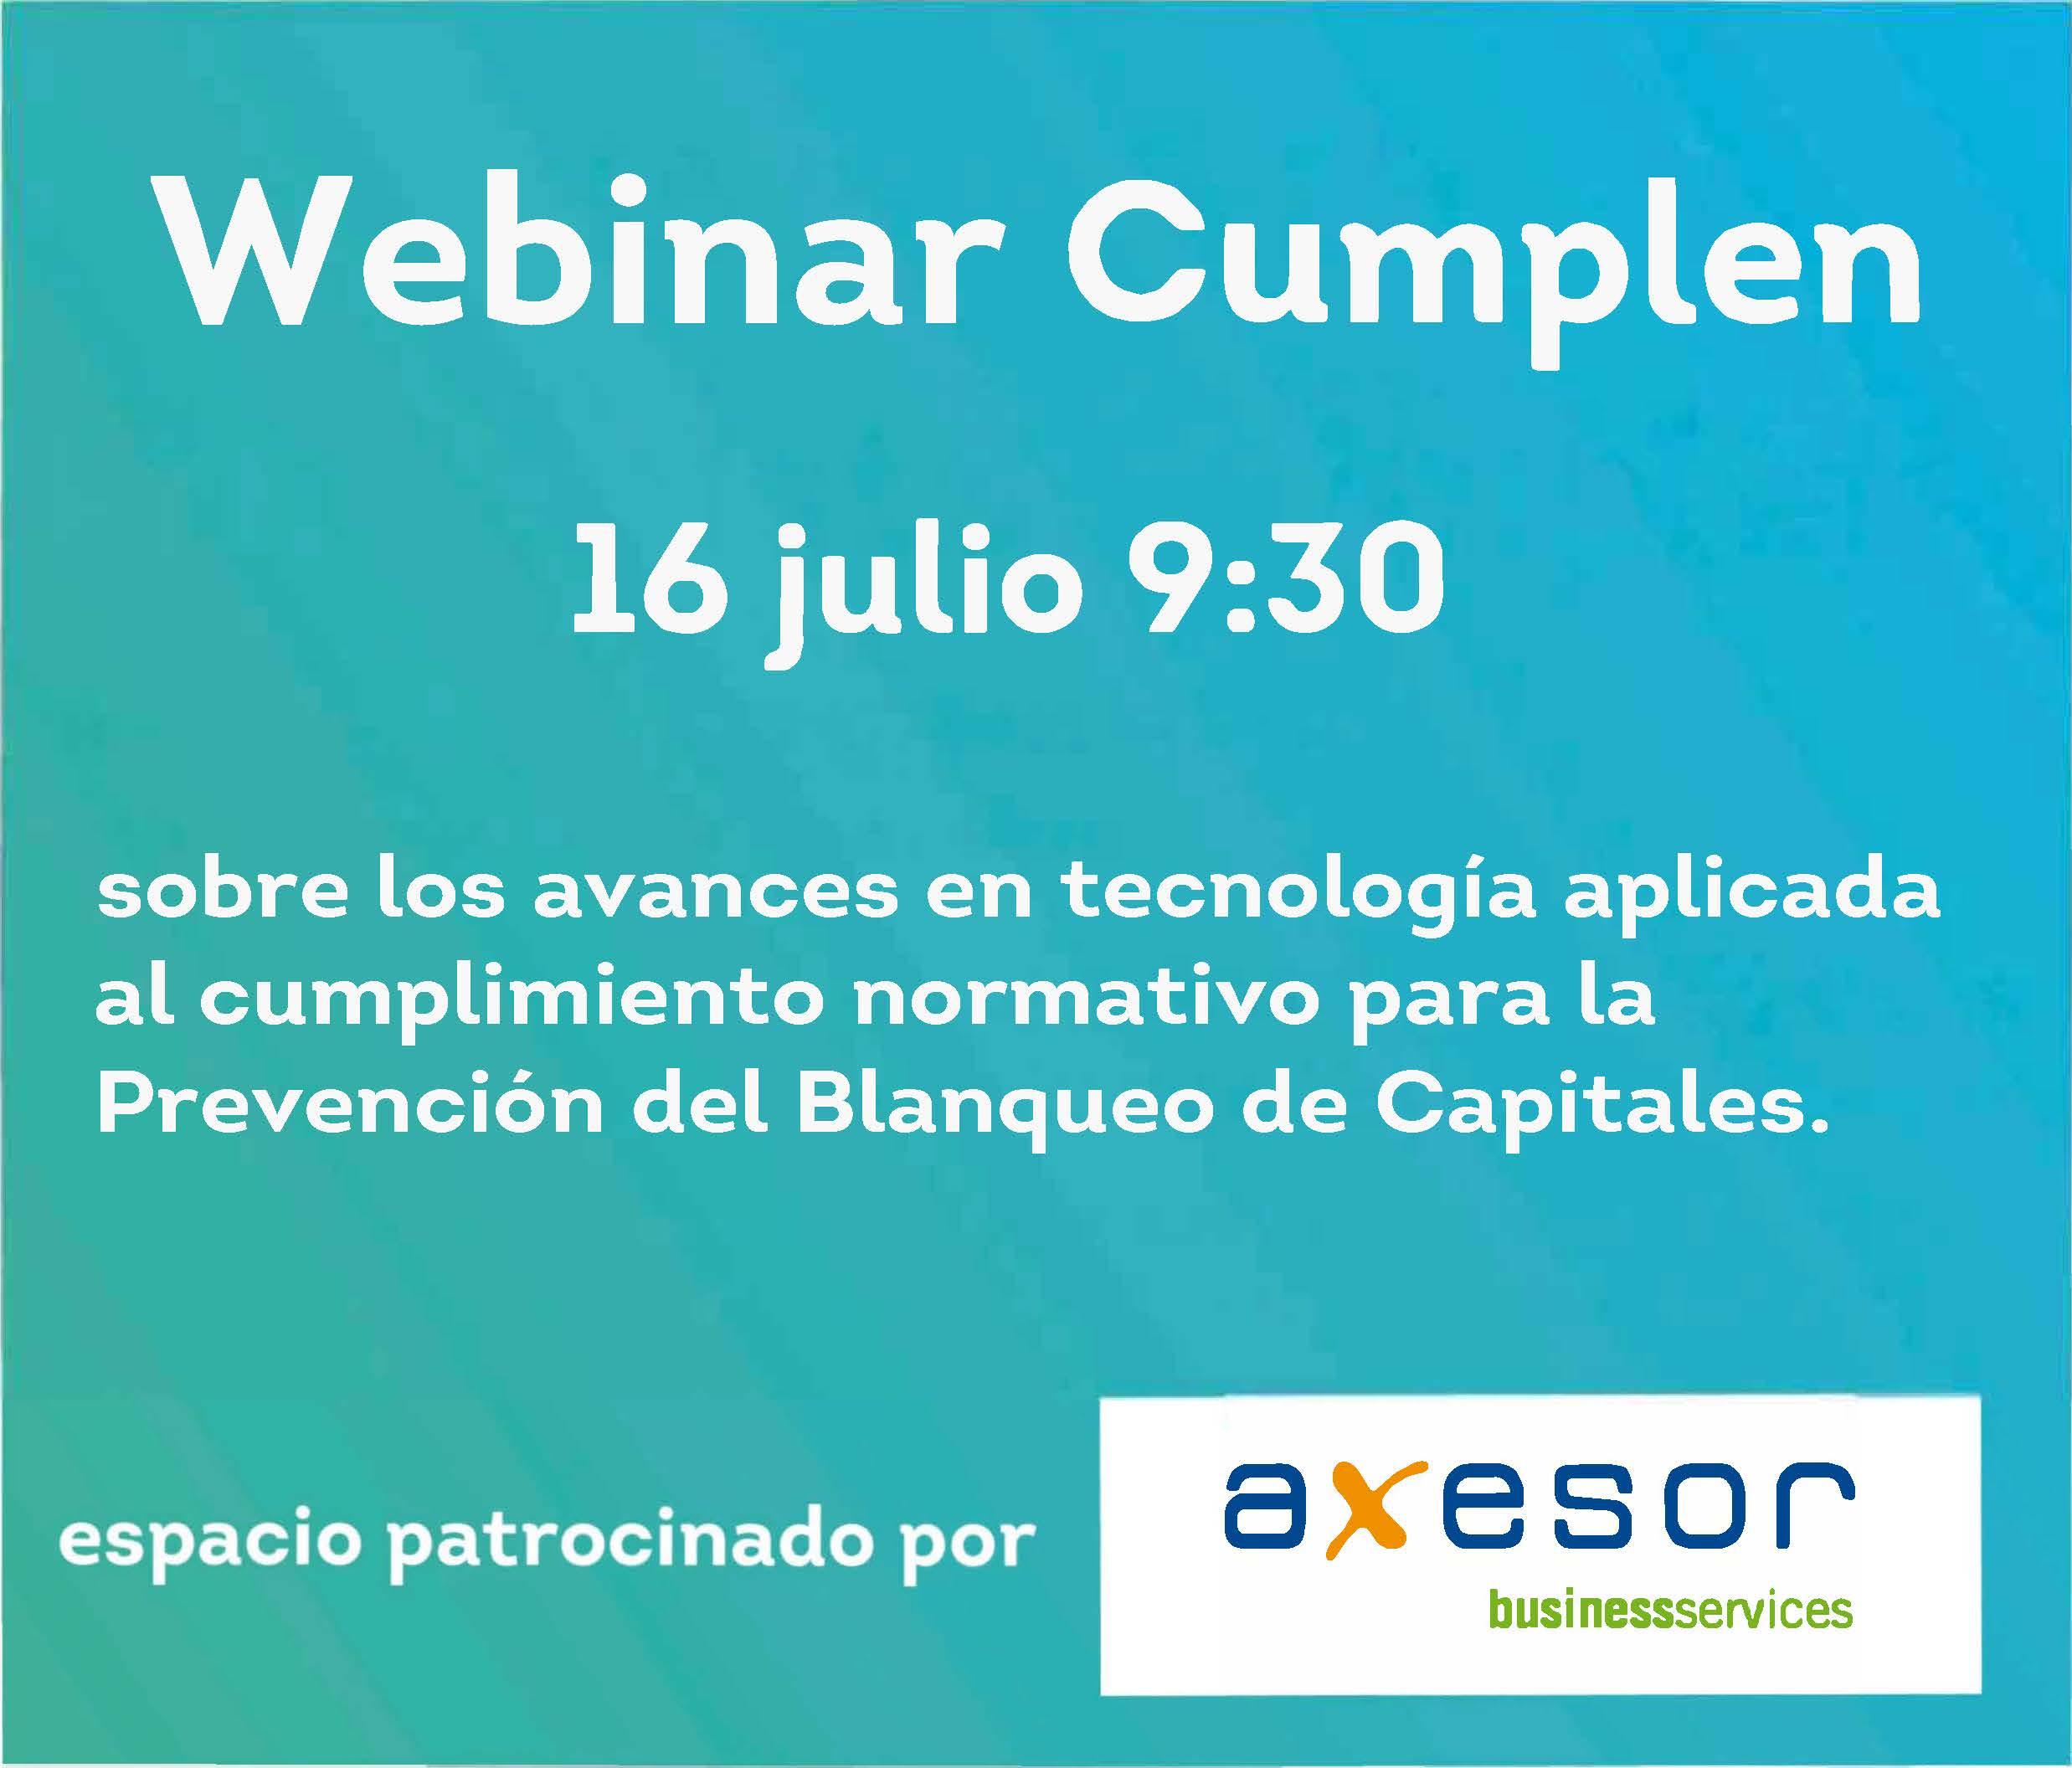 Nuevo webinar Cumplen 16 julio 9:30 sobre avances en tecnología aplicada al compliance para la PBC